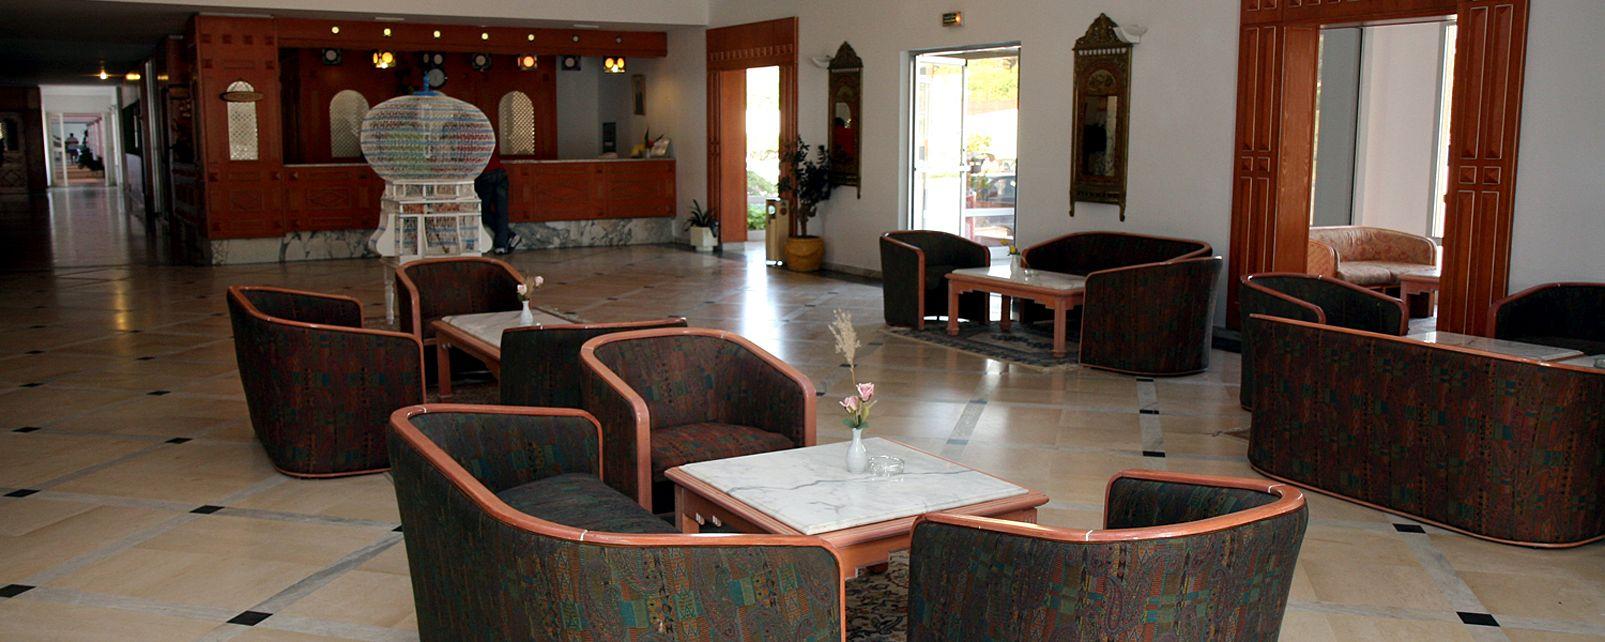 Hôtel Yadis Morjane